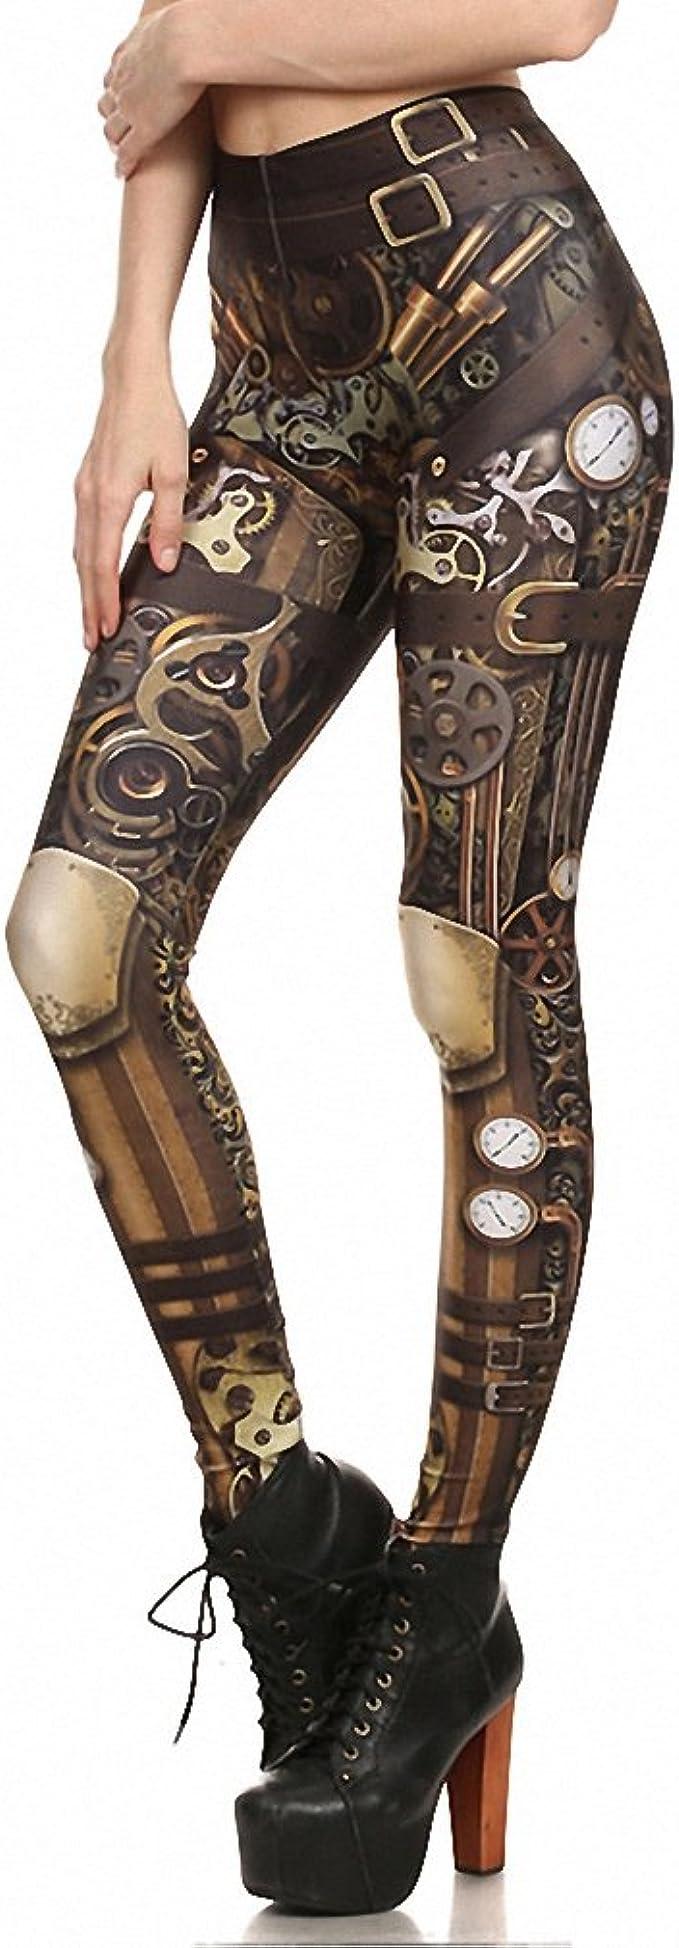 Leggings Design Steampunk Femmes Femmes Leggin Taille Haute ...